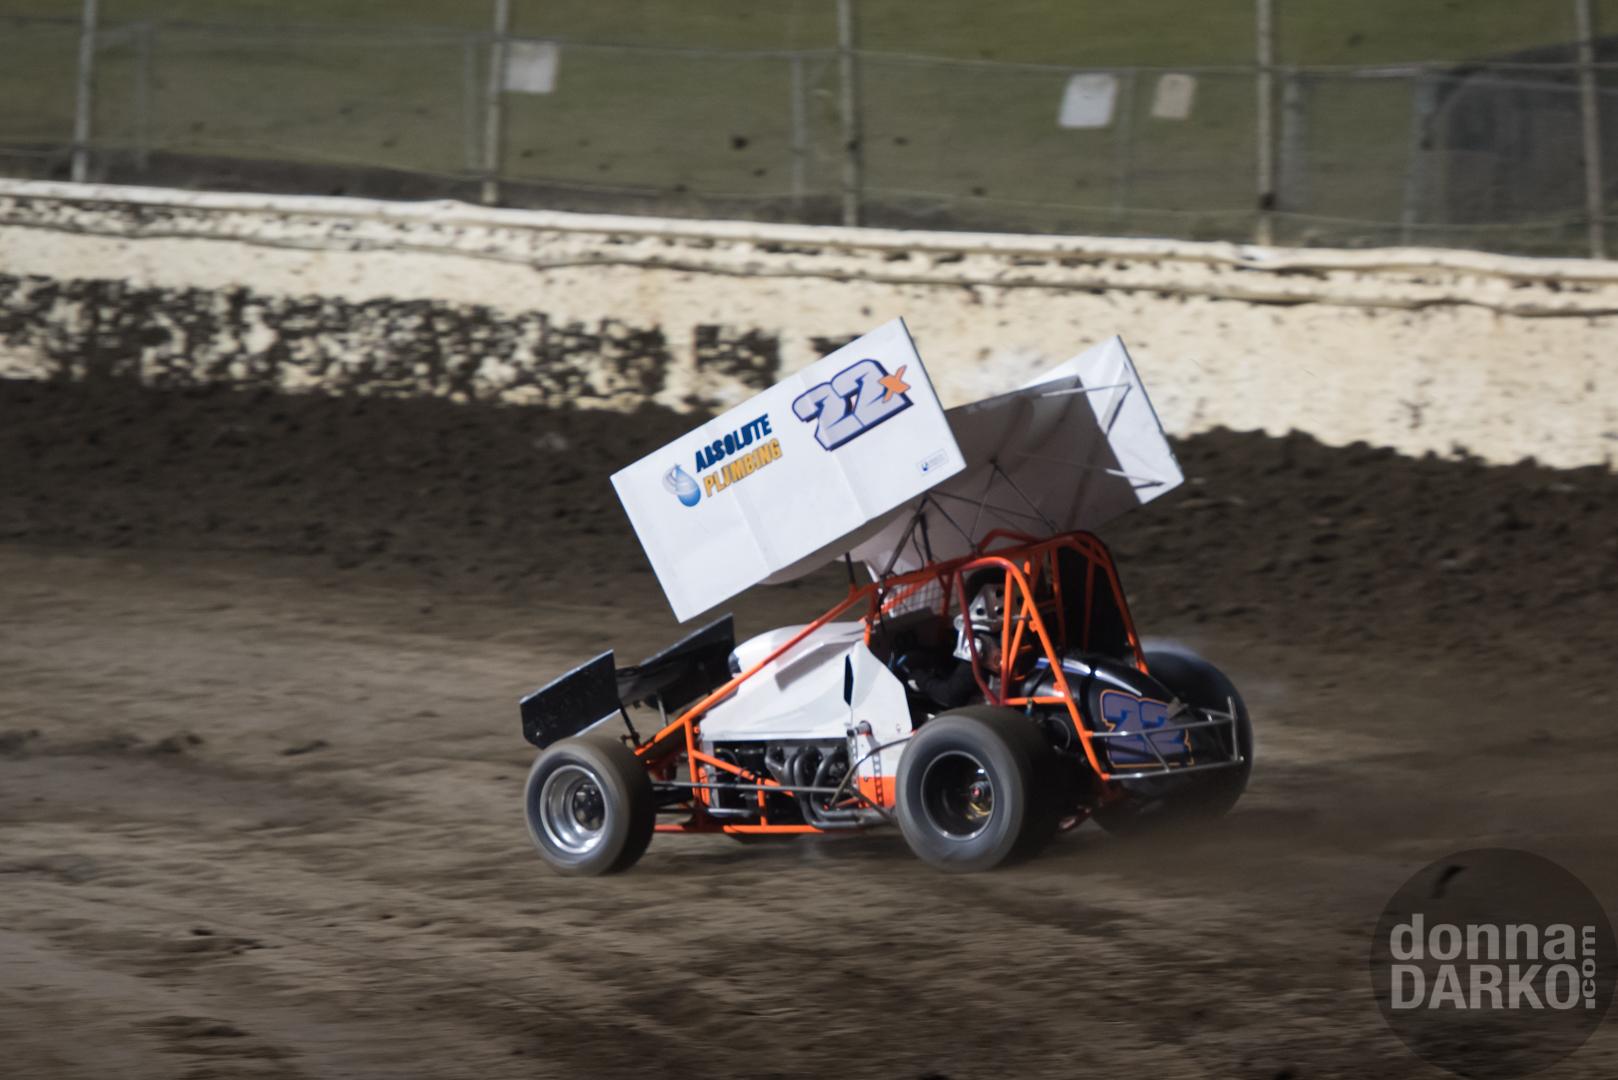 Sagit Speedway 6-8-19 -DSC_6712.jpg